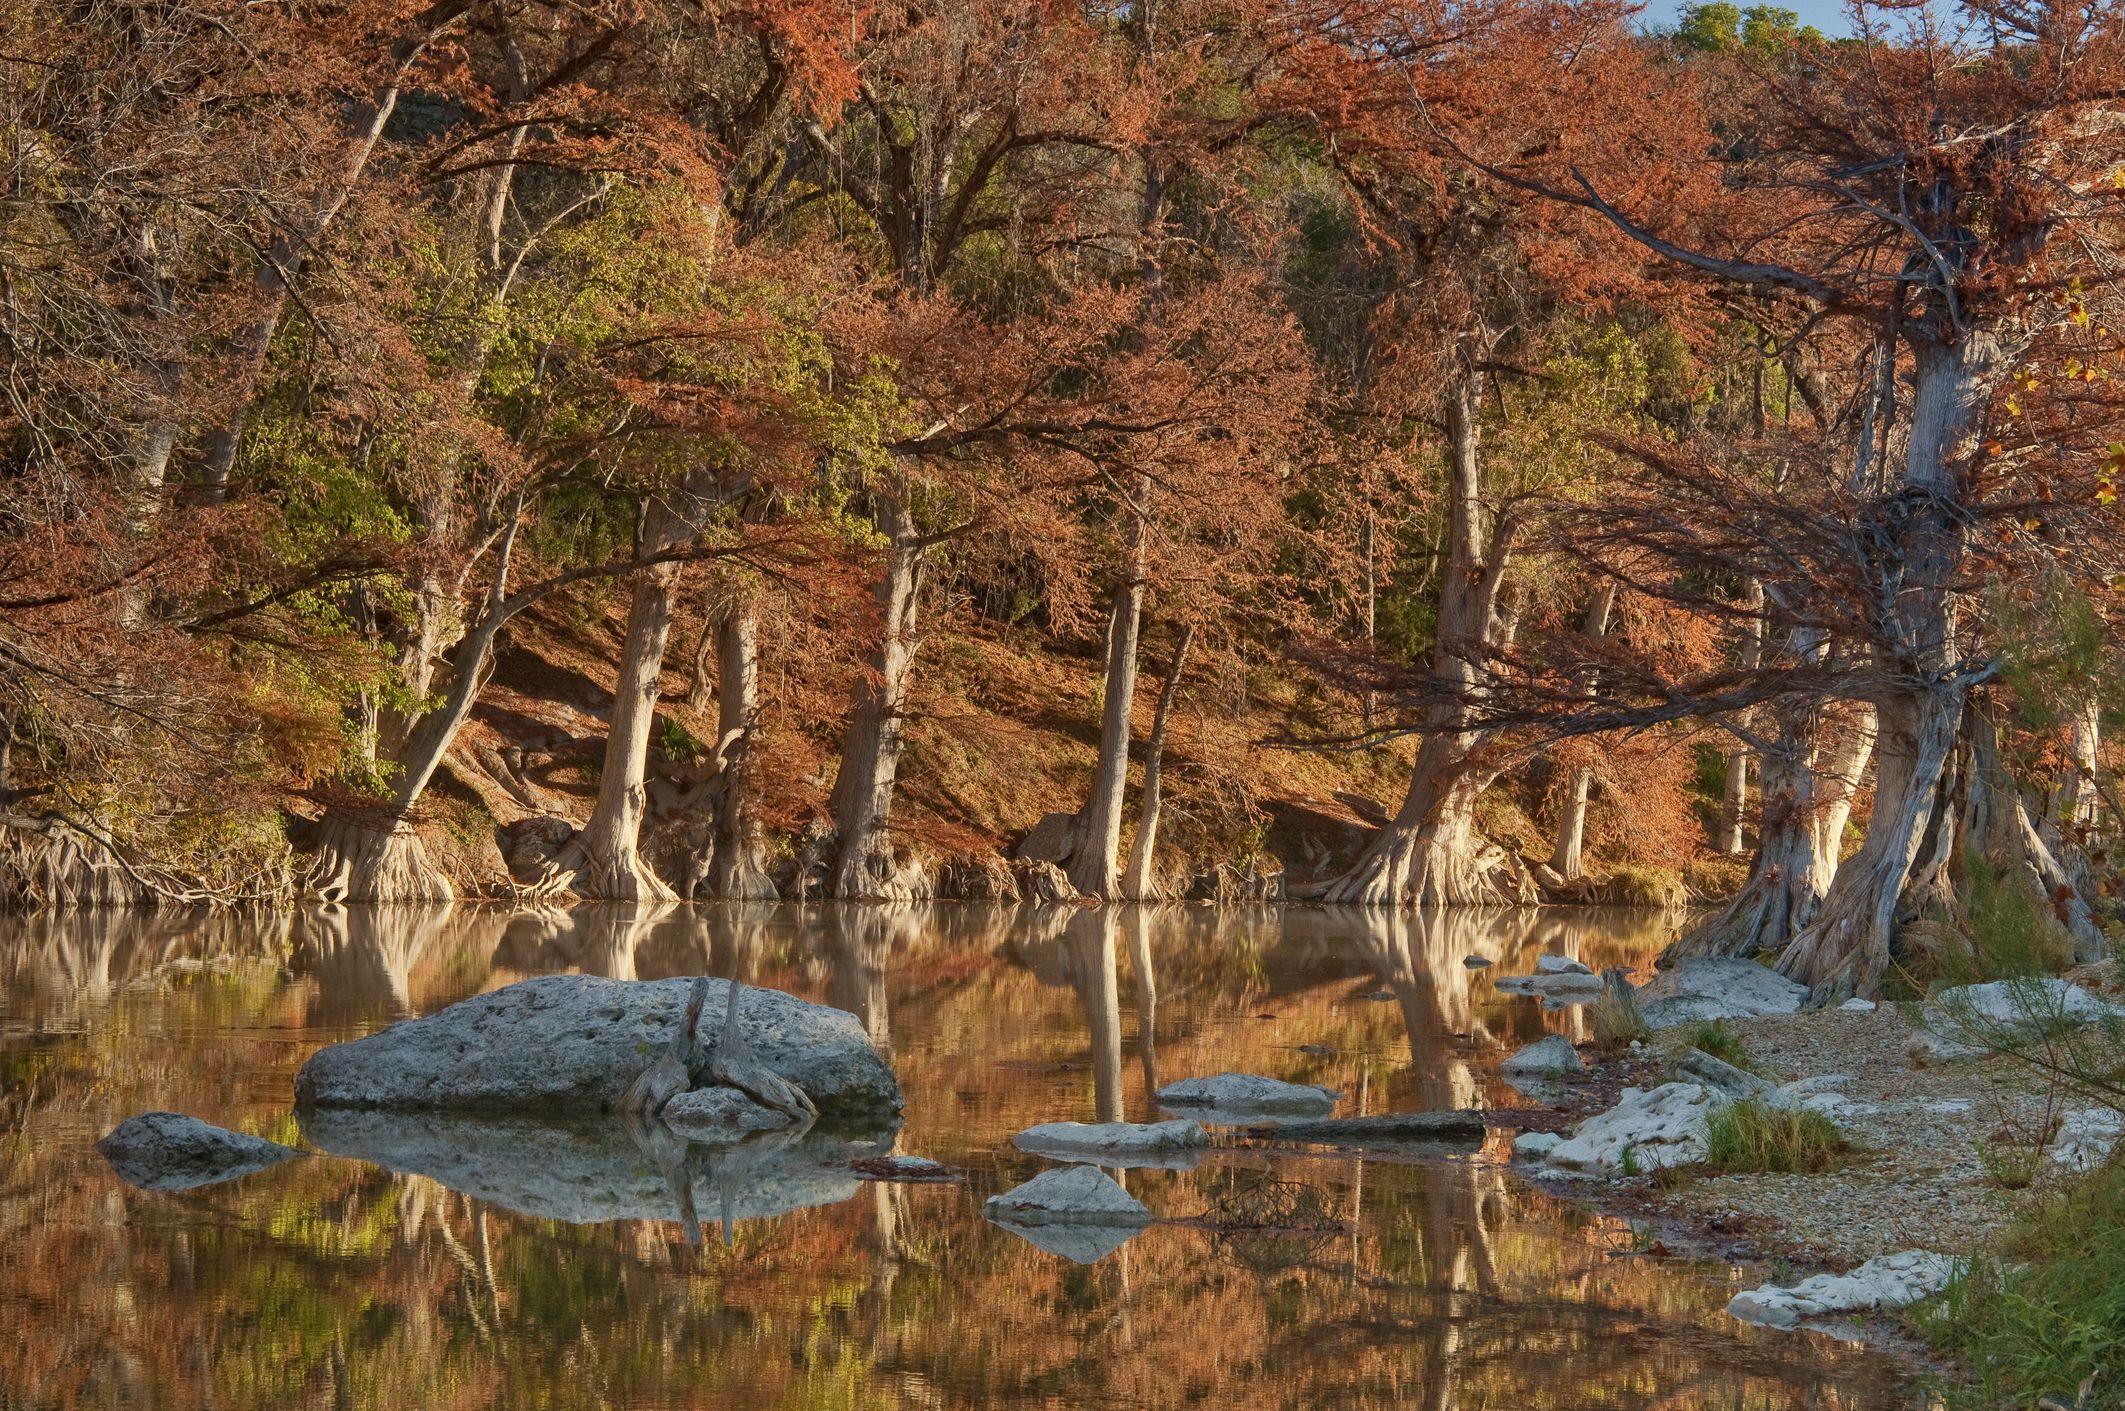 Cipreses calvos a lo largo del río, en el follaje de otoño, Guadalupe River State Park cerca de Bergheim, Texas, EE. UU.